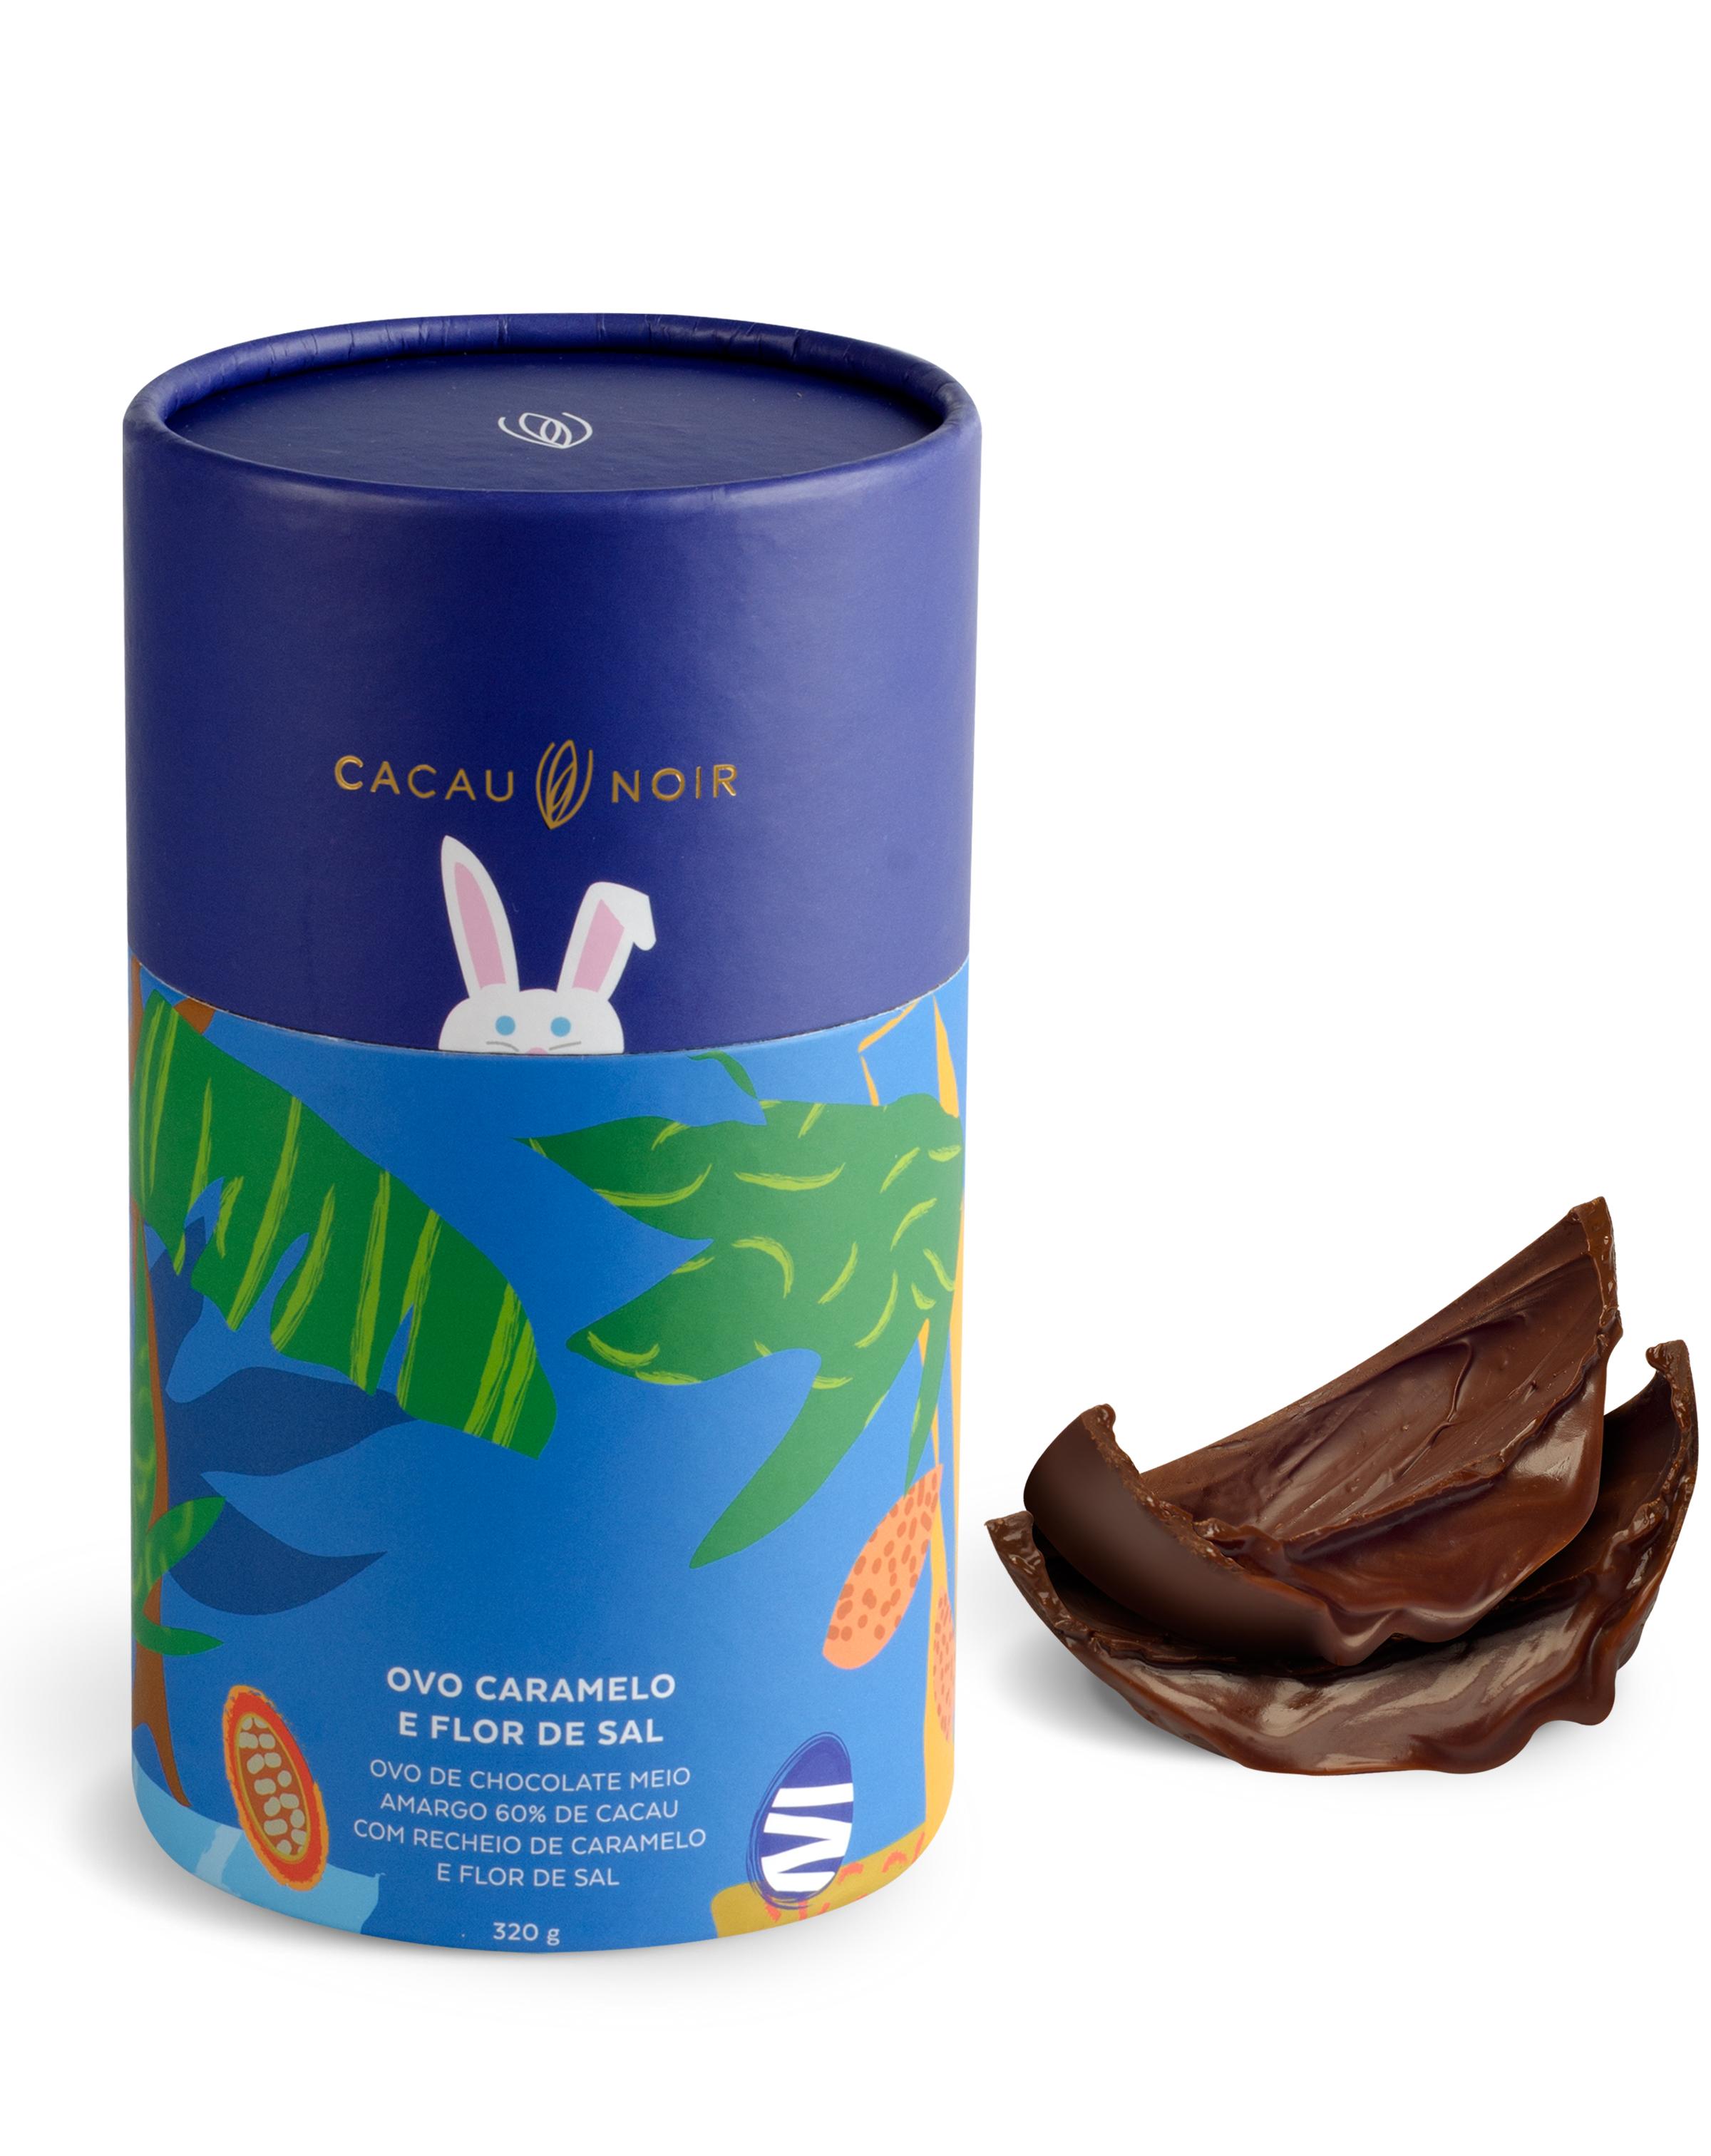 Cacau Noir: ovo de caramelo e flor de sal